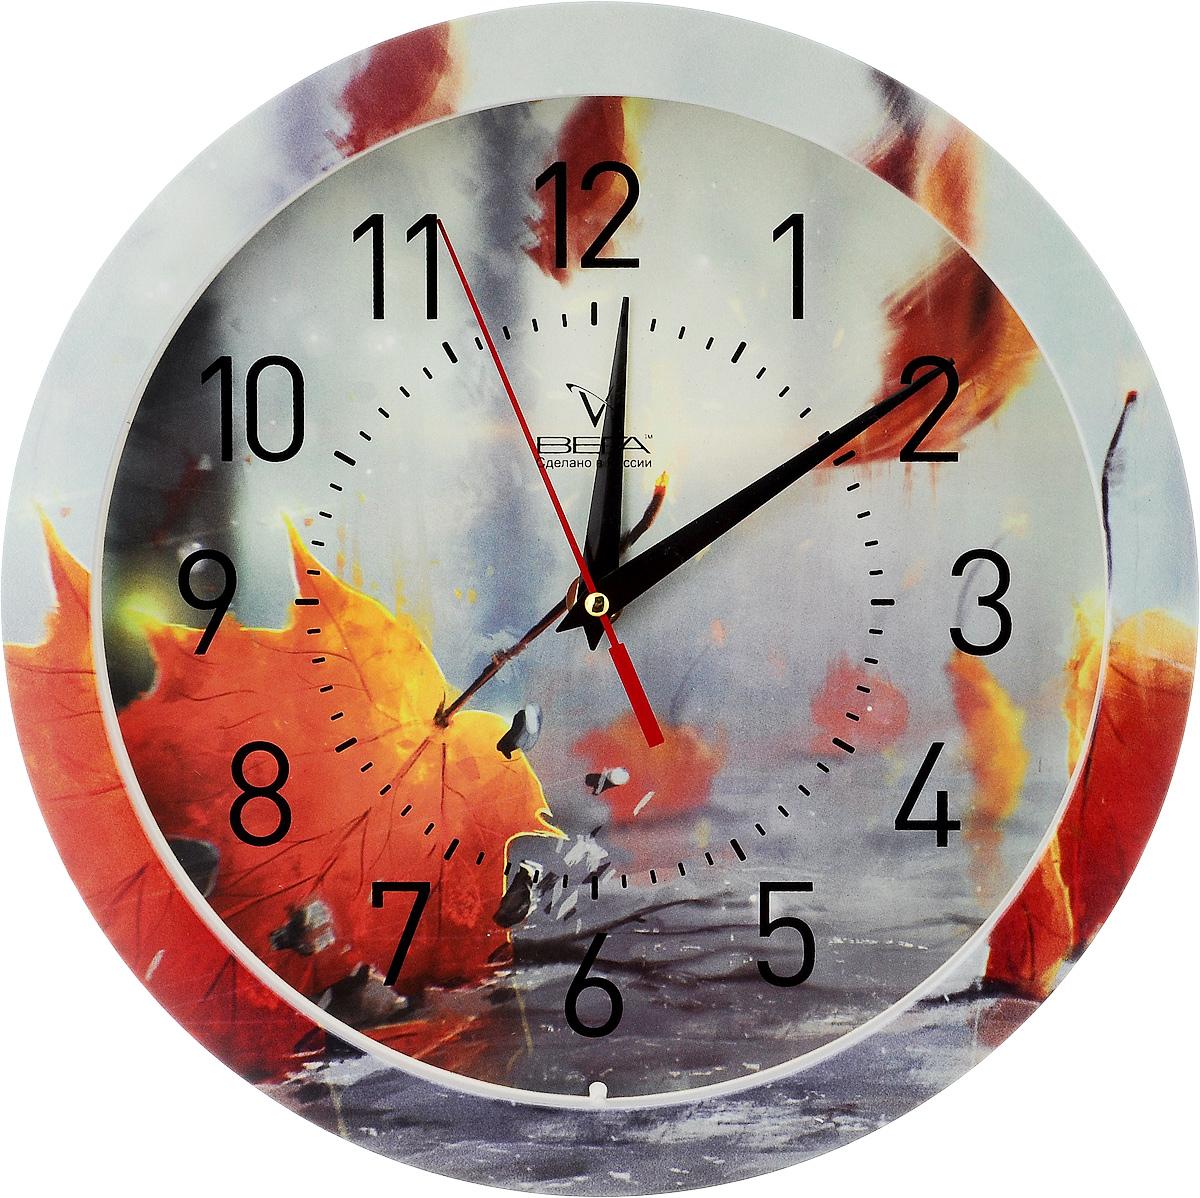 Часы настенные Вега Осень, диаметр 28,5 смП1-240/7-240Настенные кварцевые часы Вега Осень, изготовленные из пластика, прекрасно впишутся в интерьер вашего дома. Часы имеют три стрелки: часовую, минутную и секундную, циферблат защищен прозрачным стеклом. Часы работают от 1 батарейки типа АА напряжением 1,5 В (не входит в комплект). Диаметр часов: 28,5 см.